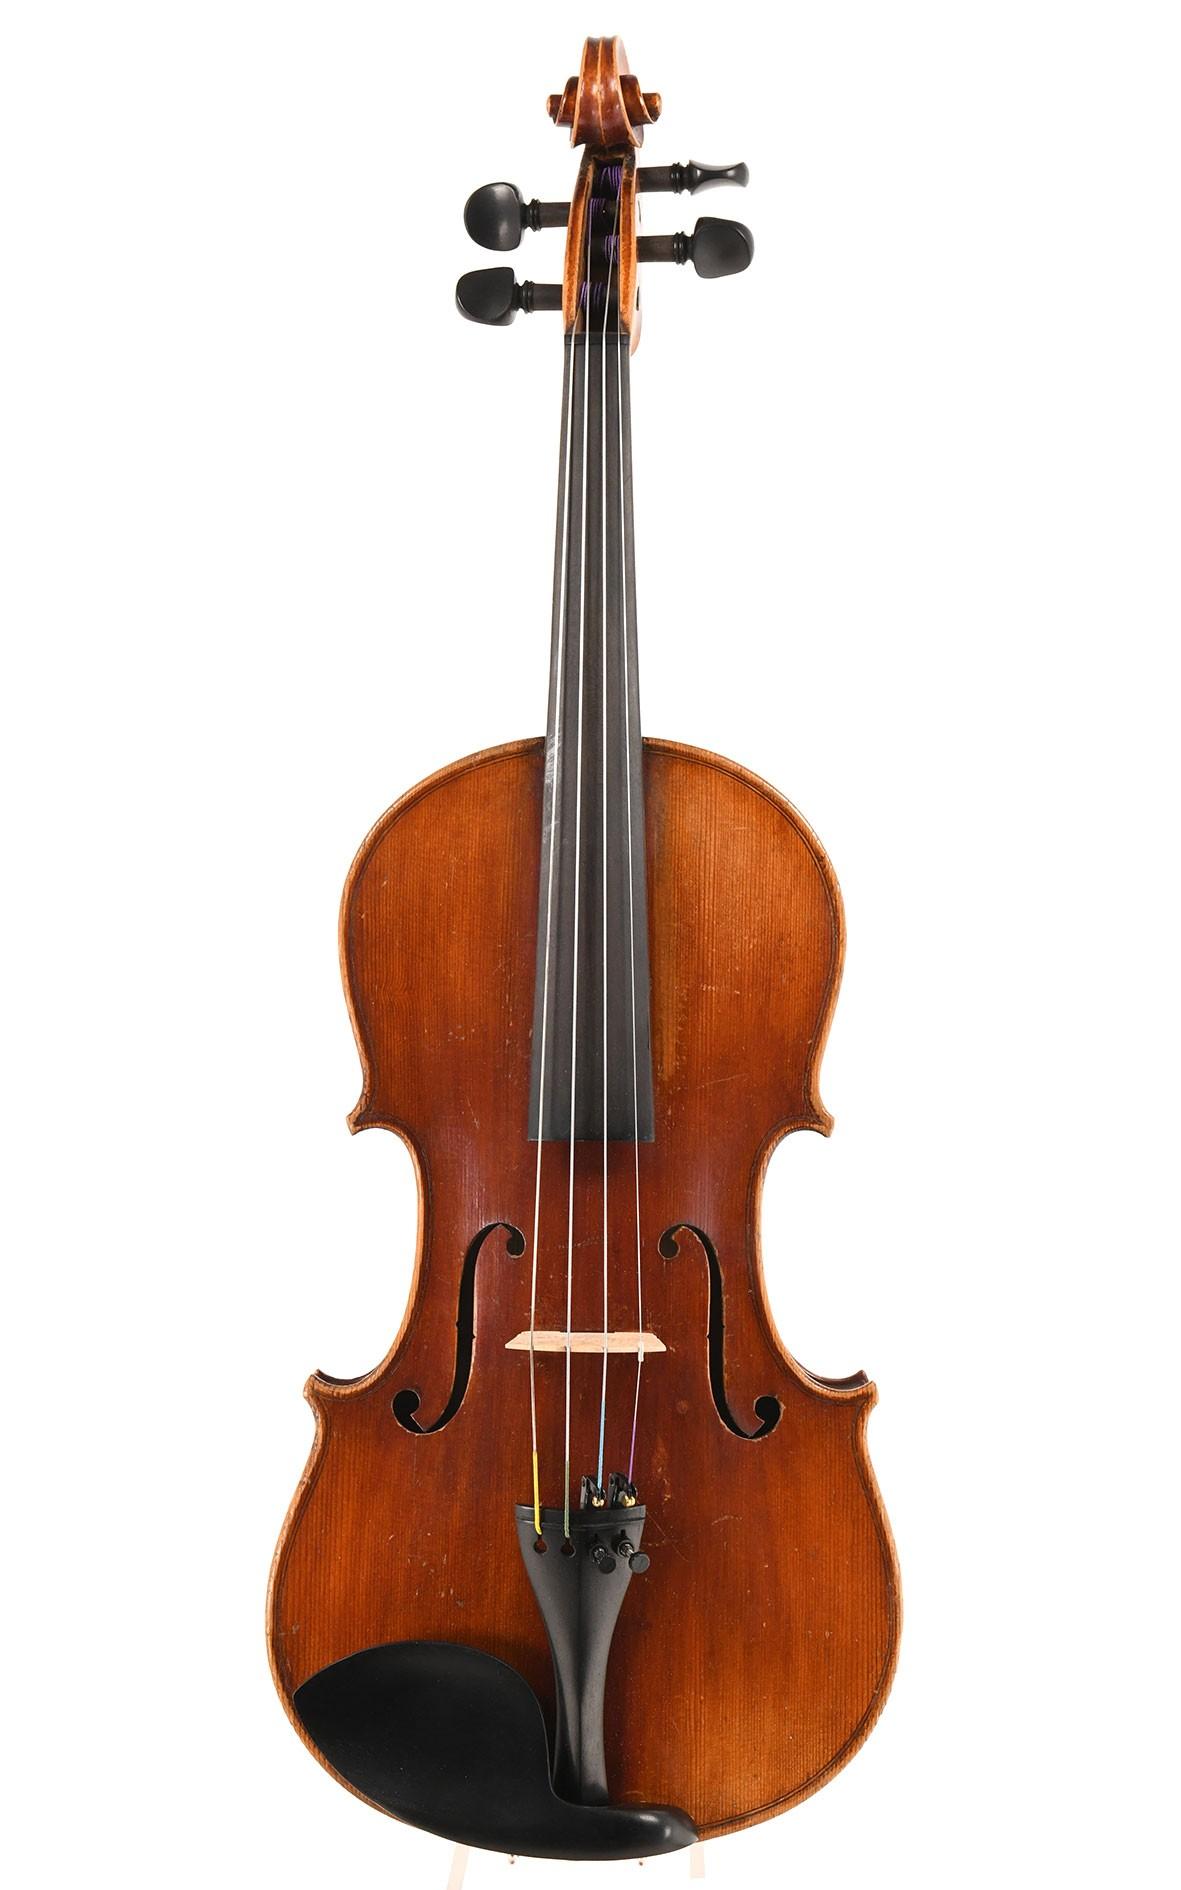 Antike Neuner & Hornsteiner Violine, circa 1880